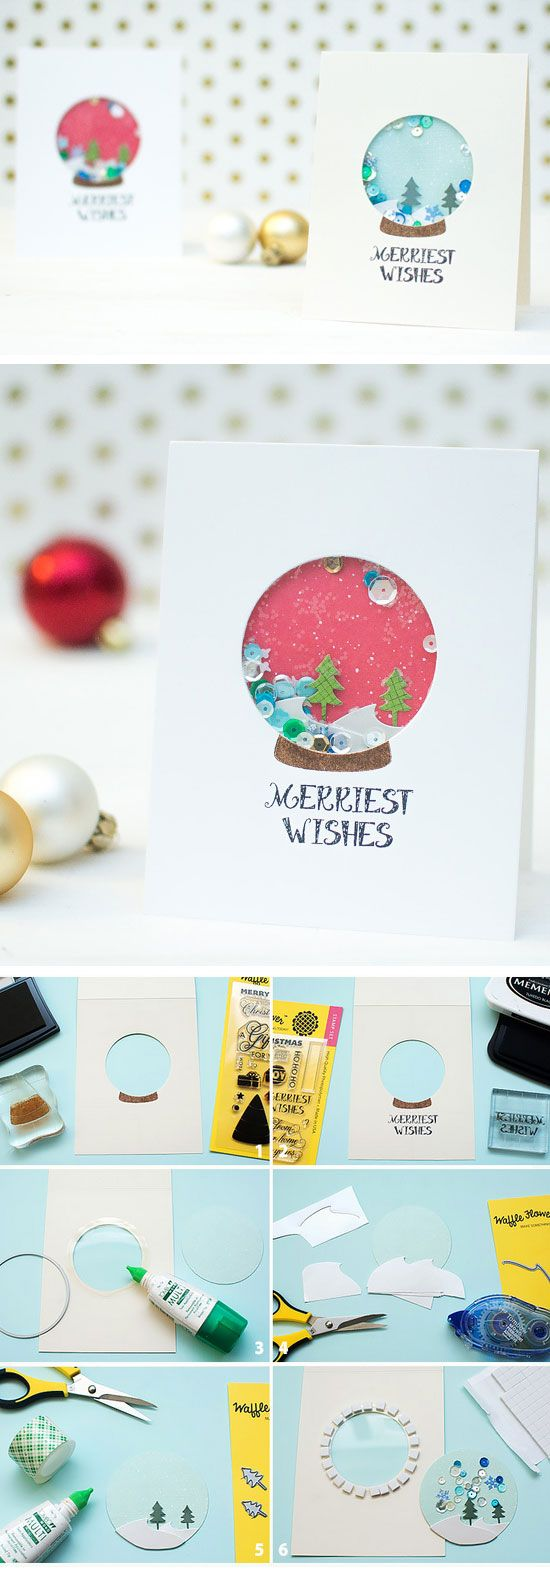 tarjeta navidad bola de nieve manualidades doy con purpurina y lentejuelas